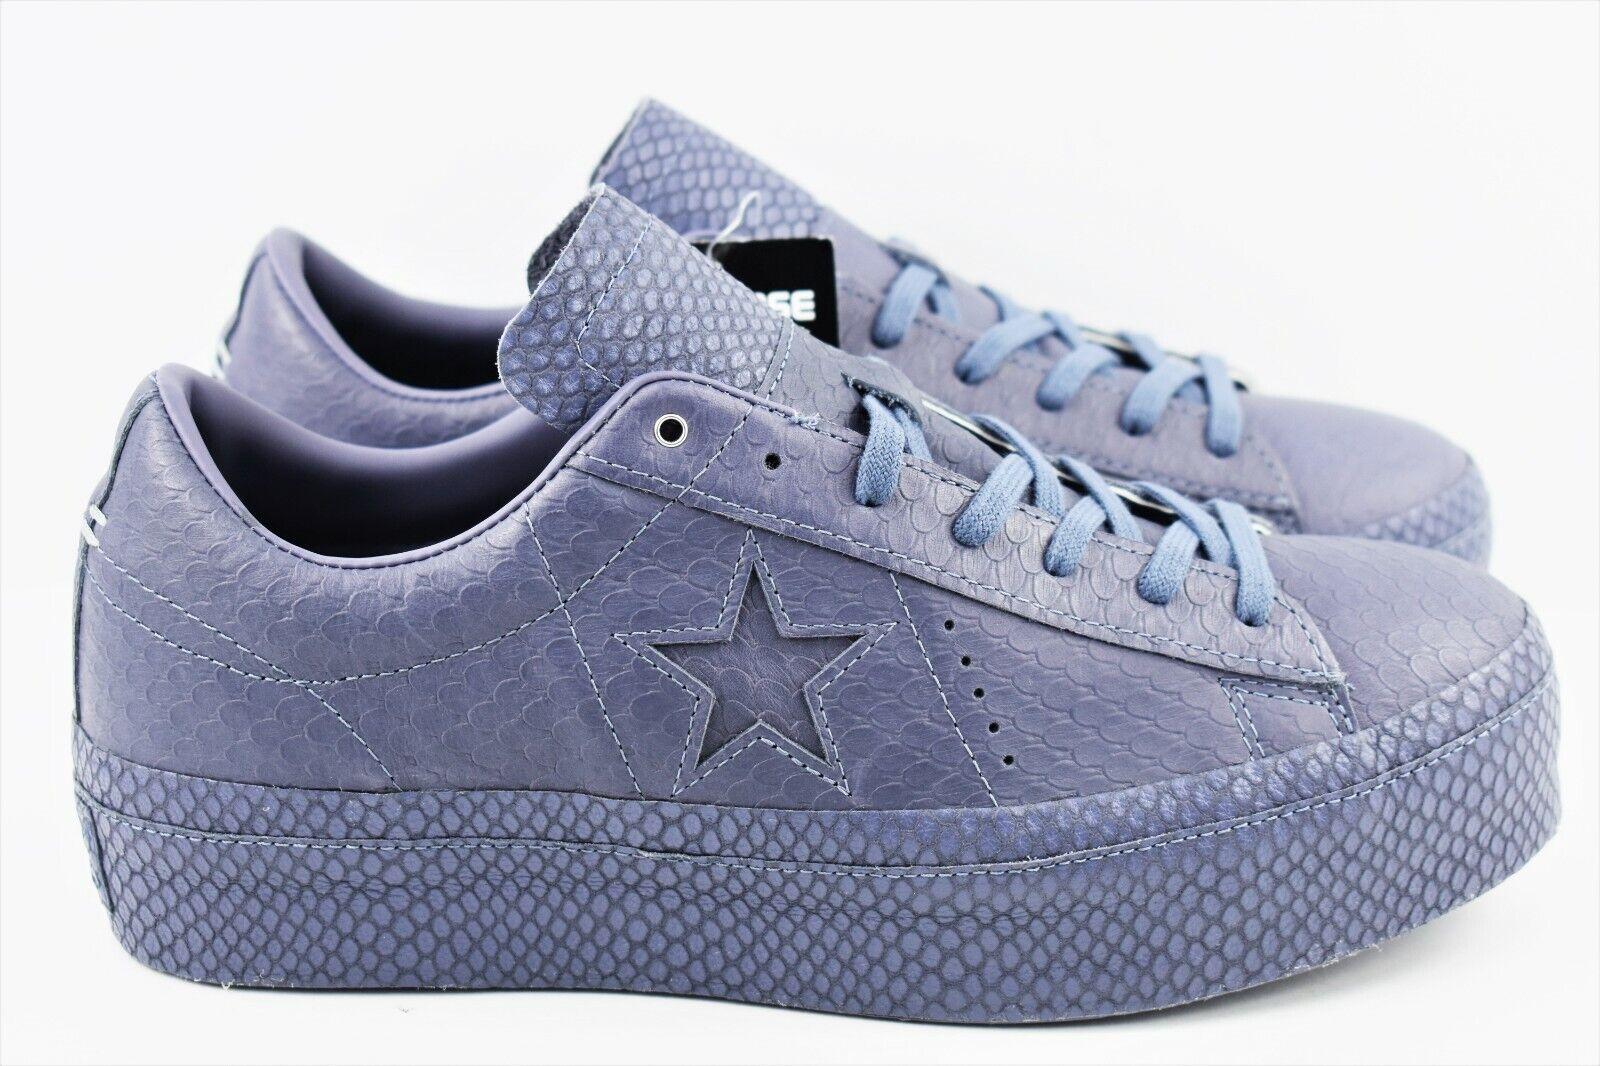 Converse One Star Buey De Plataforma Zapatos para mujer Talla Talla Talla 6.5 Luz Carbono 559901C Cuero  envio rapido a ti